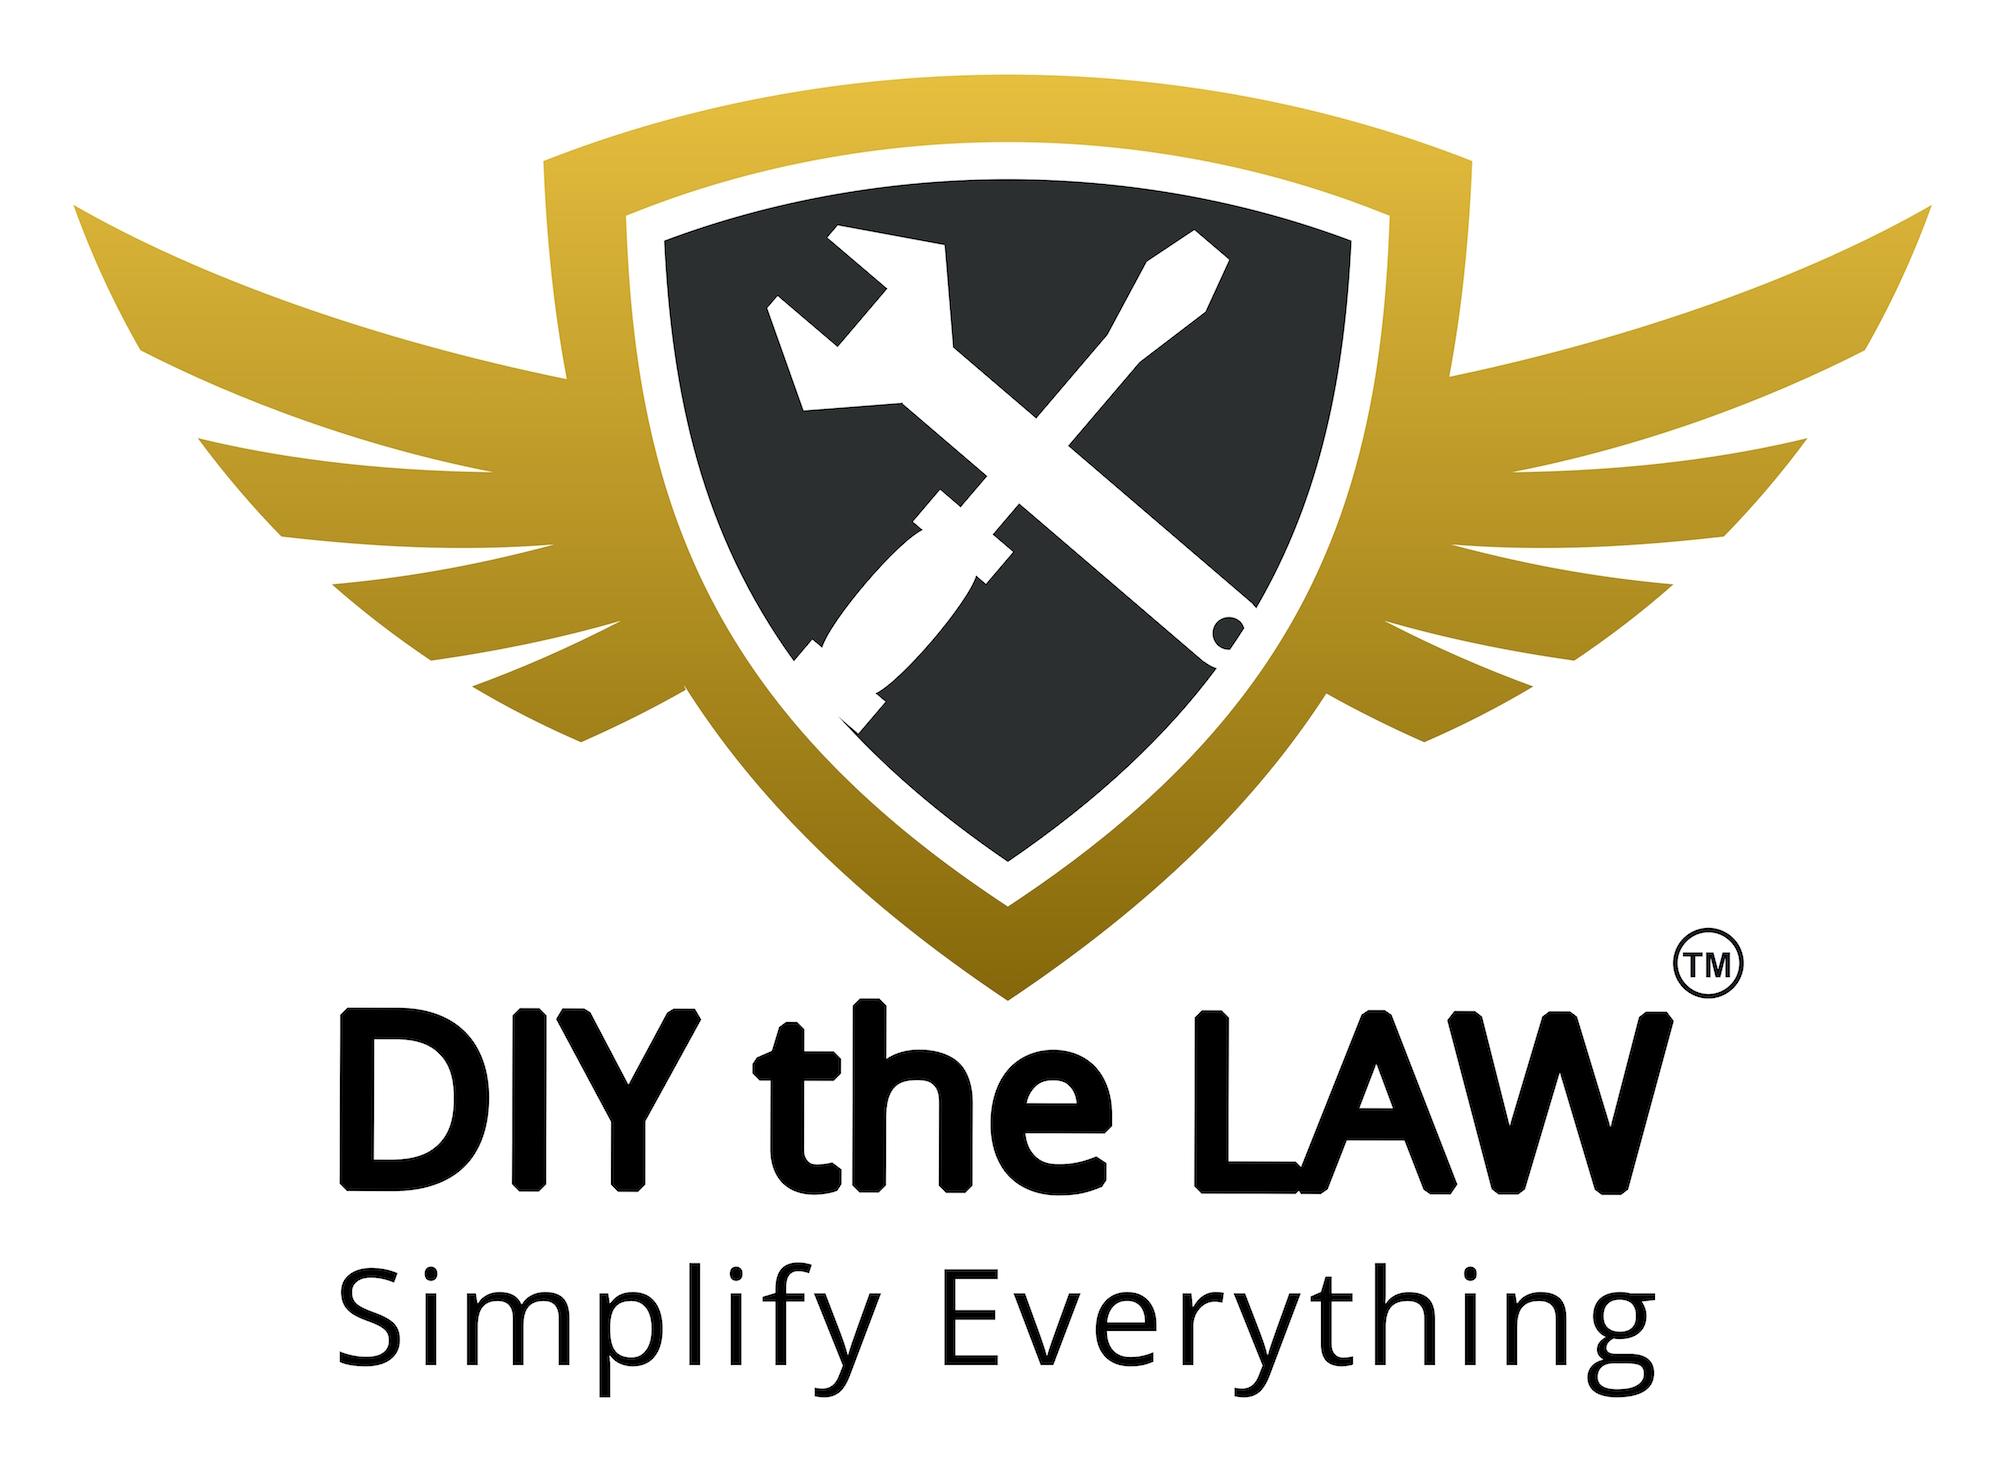 DIYtheLAW, LLC